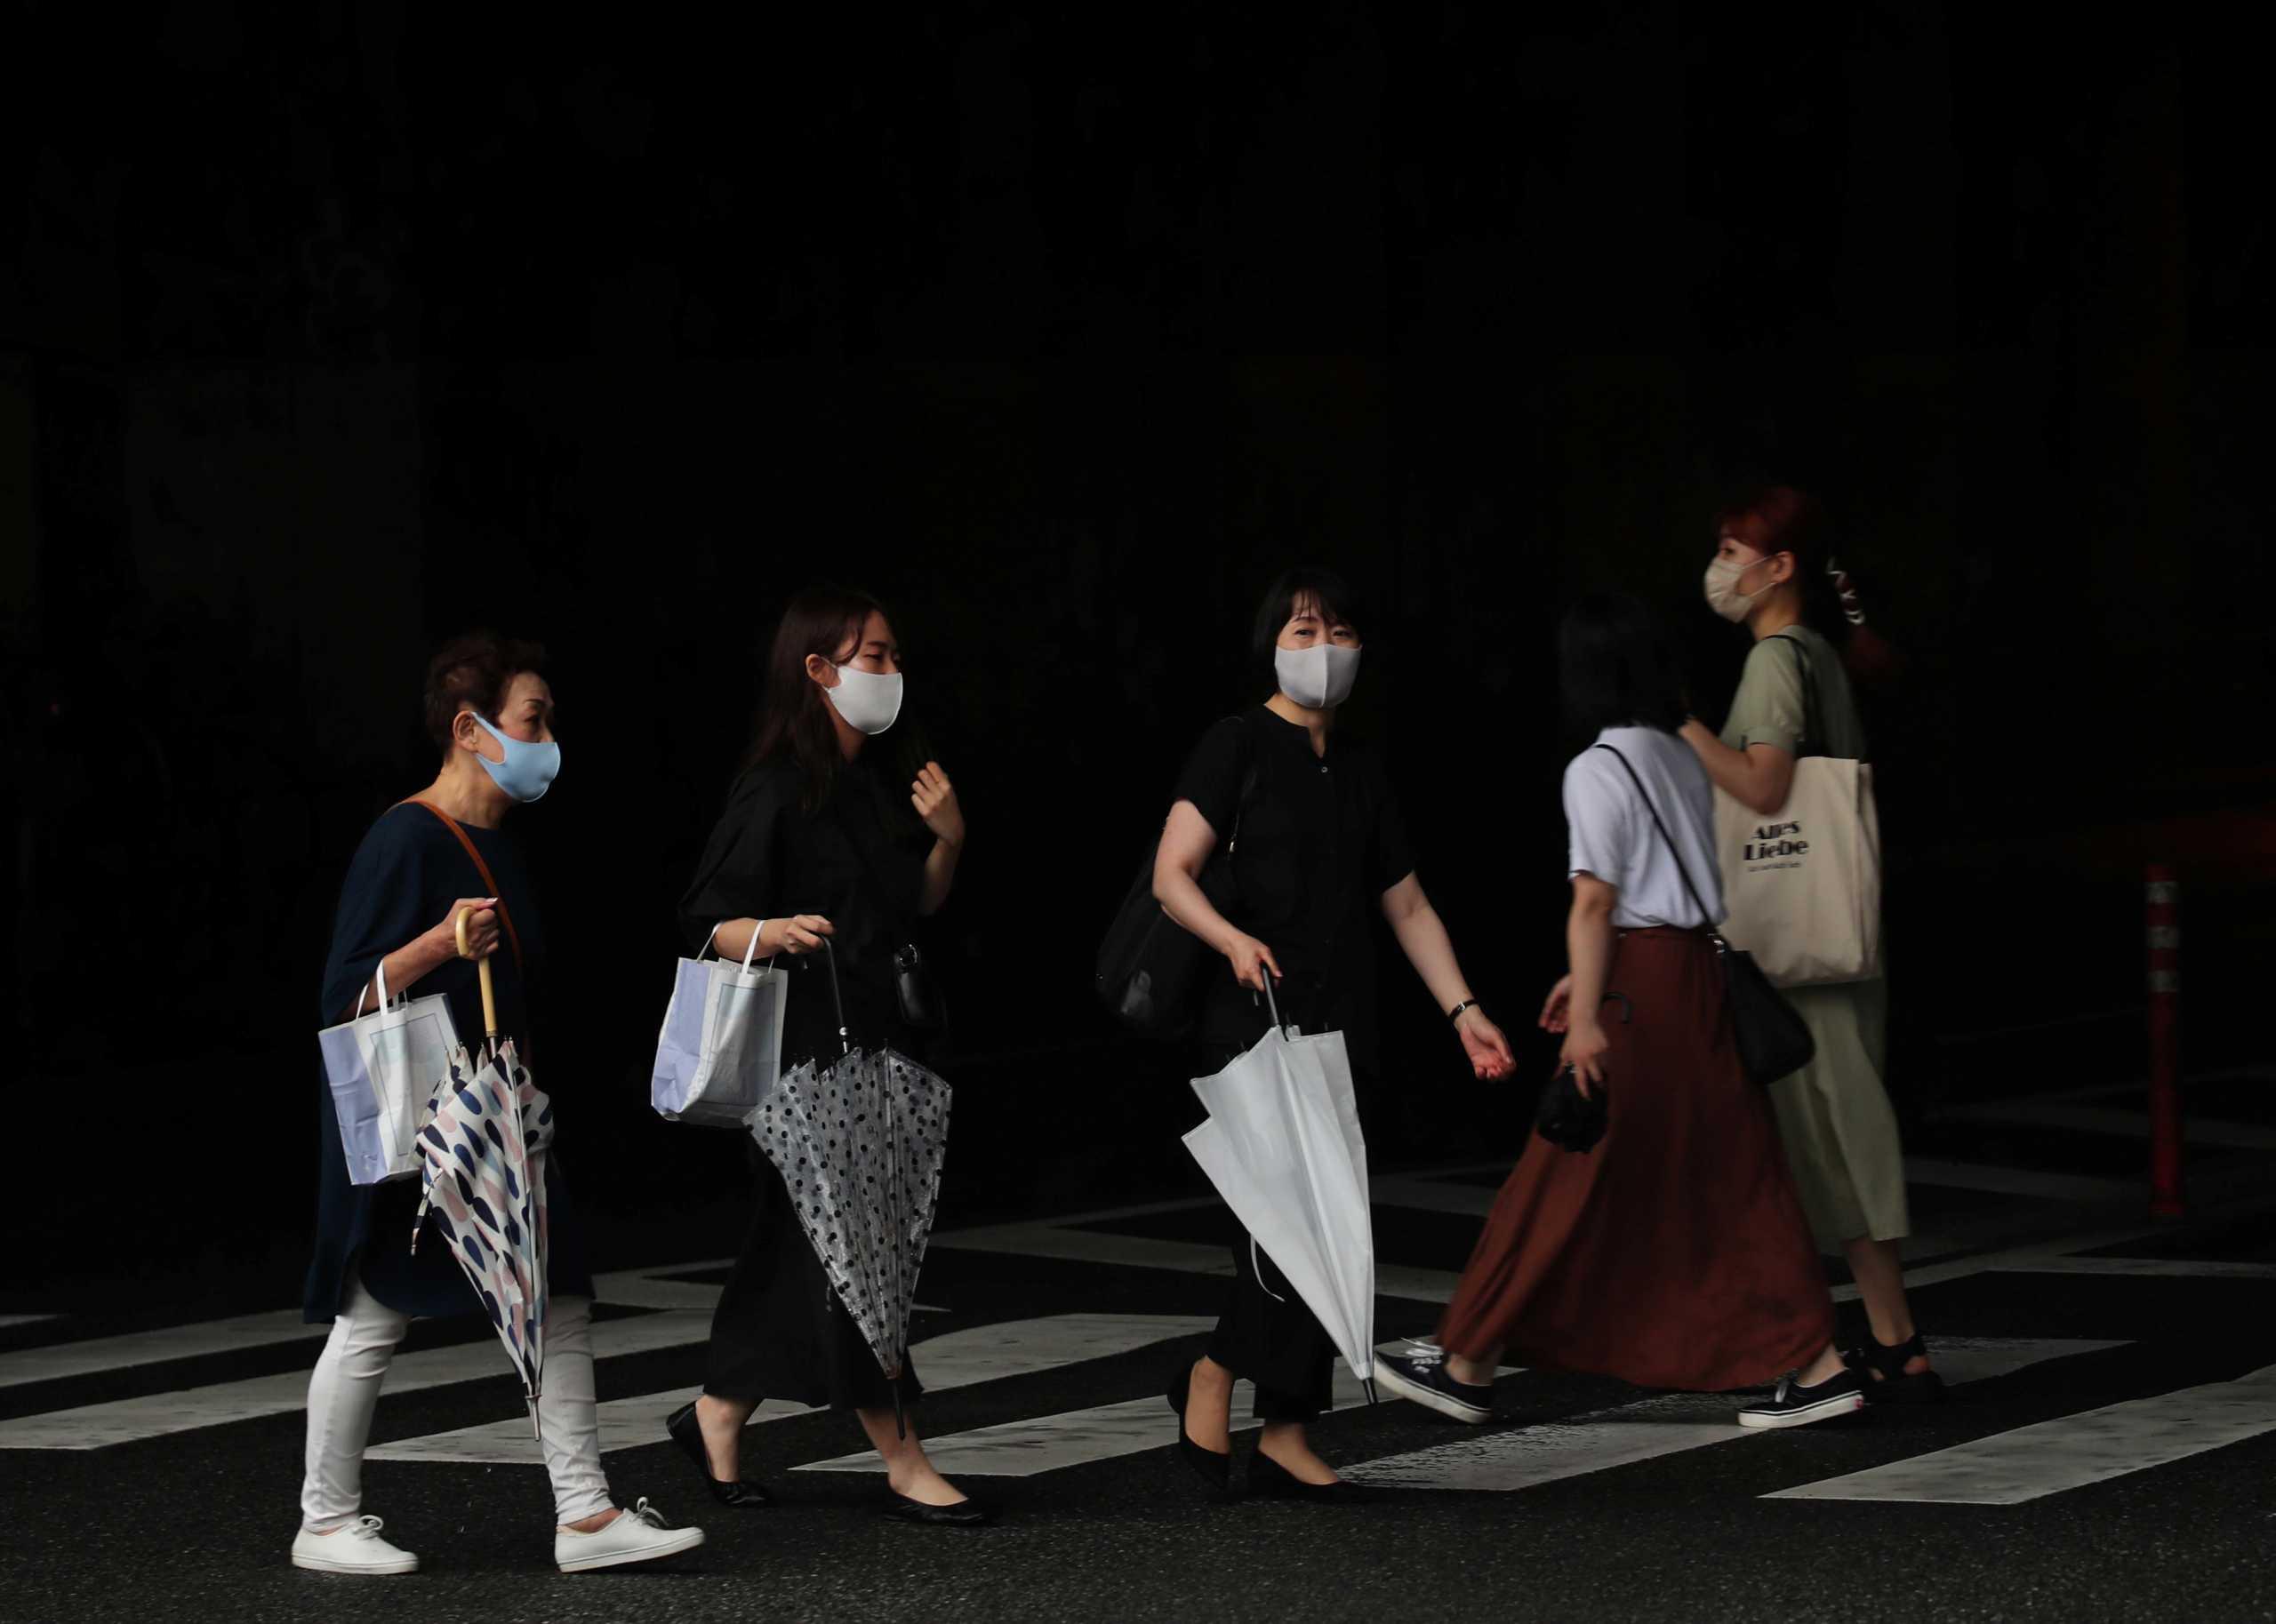 Ιαπωνία – Κορονοϊός: Προς παράταση η κατάσταση έκτακτης ανάγκης